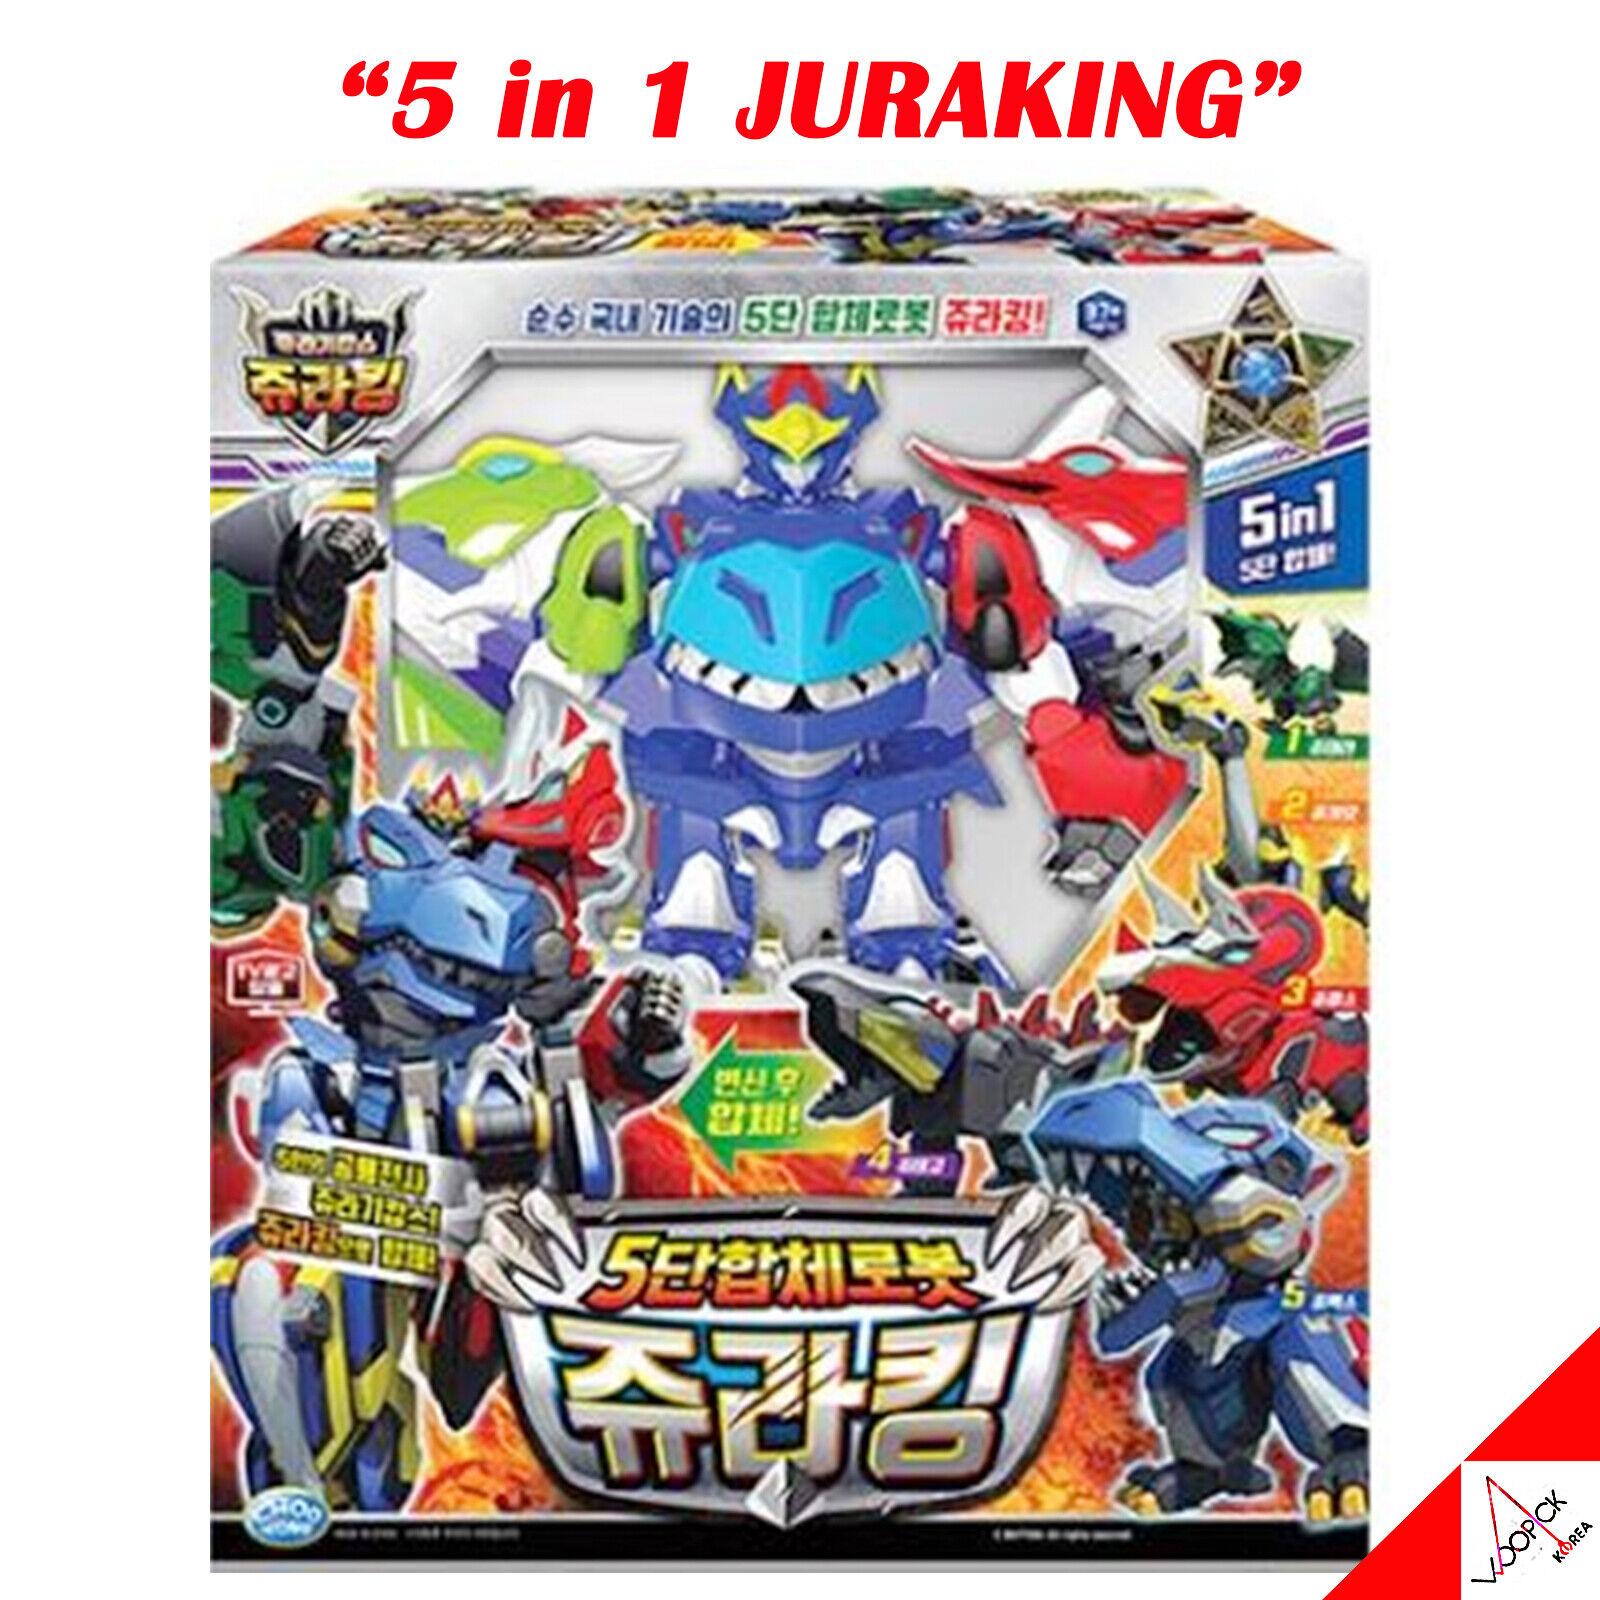 Jurassic Cops Evolution 5-in-1 JURAre Dinosaur Combined Transformer Robot giocattolo